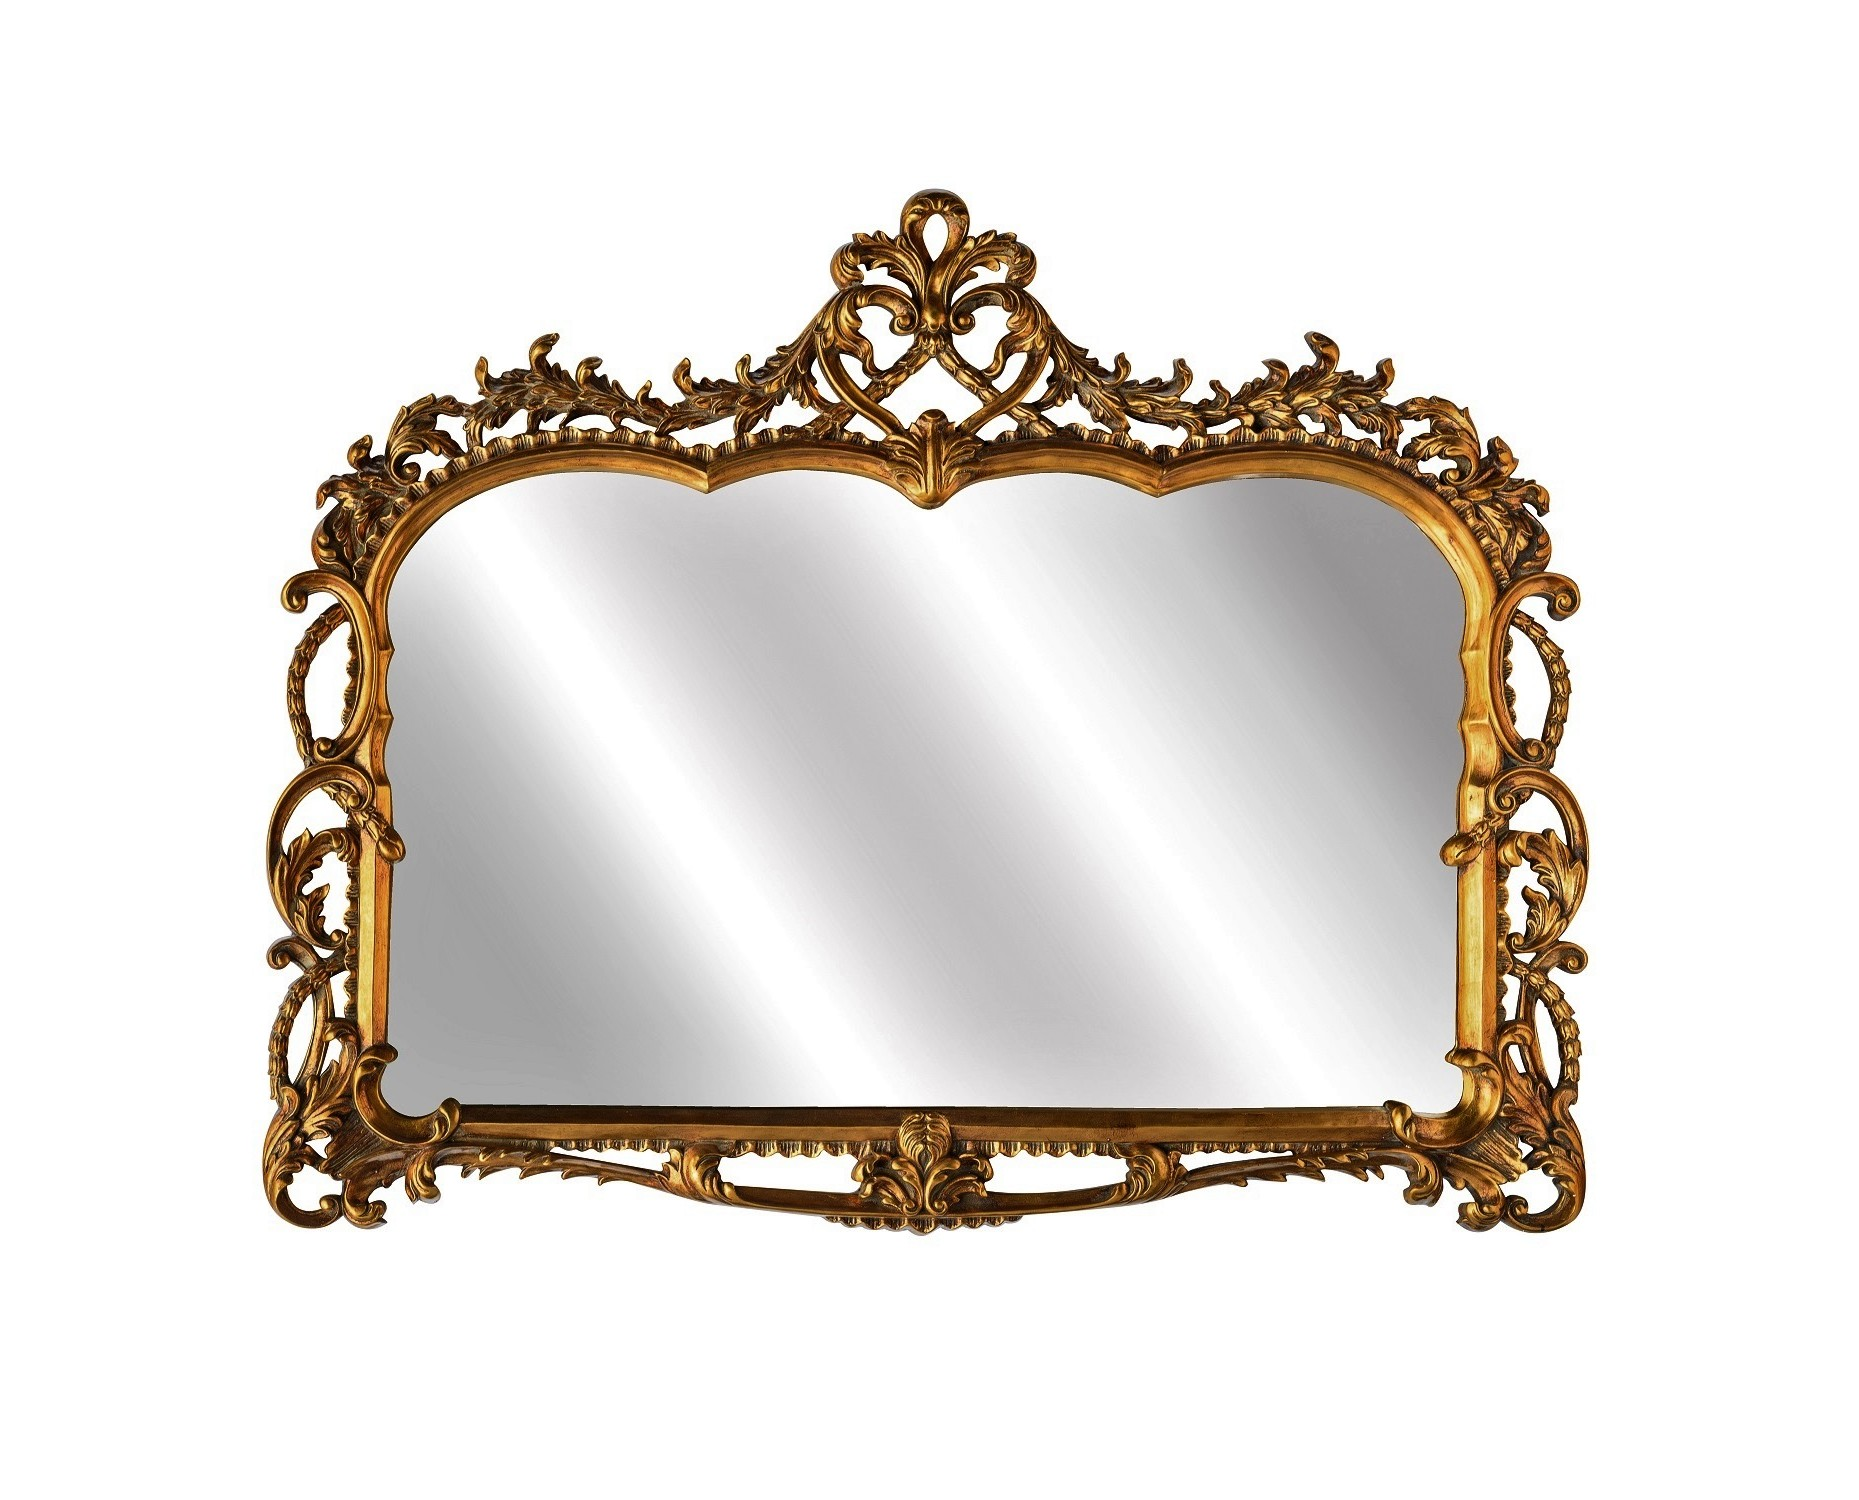 Зеркало EloiseНастенные зеркала<br><br><br>Material: Стекло<br>Ширина см: 140.0<br>Высота см: 110.0<br>Глубина см: 6.0